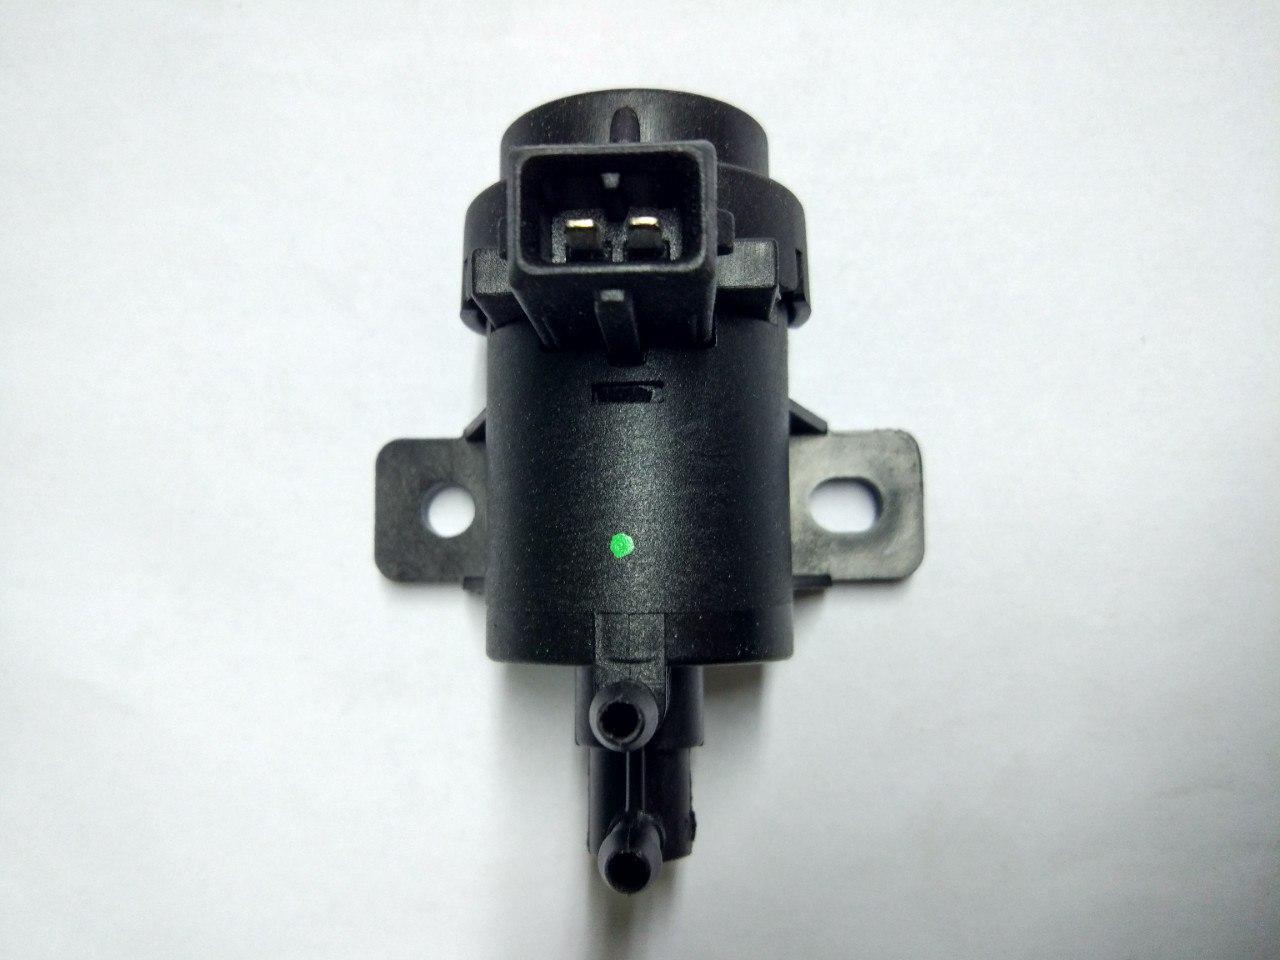 Клапан управління турбіною Renault Trafic, Opel Vivaro, 2001-2011 Renault 7700113071/L